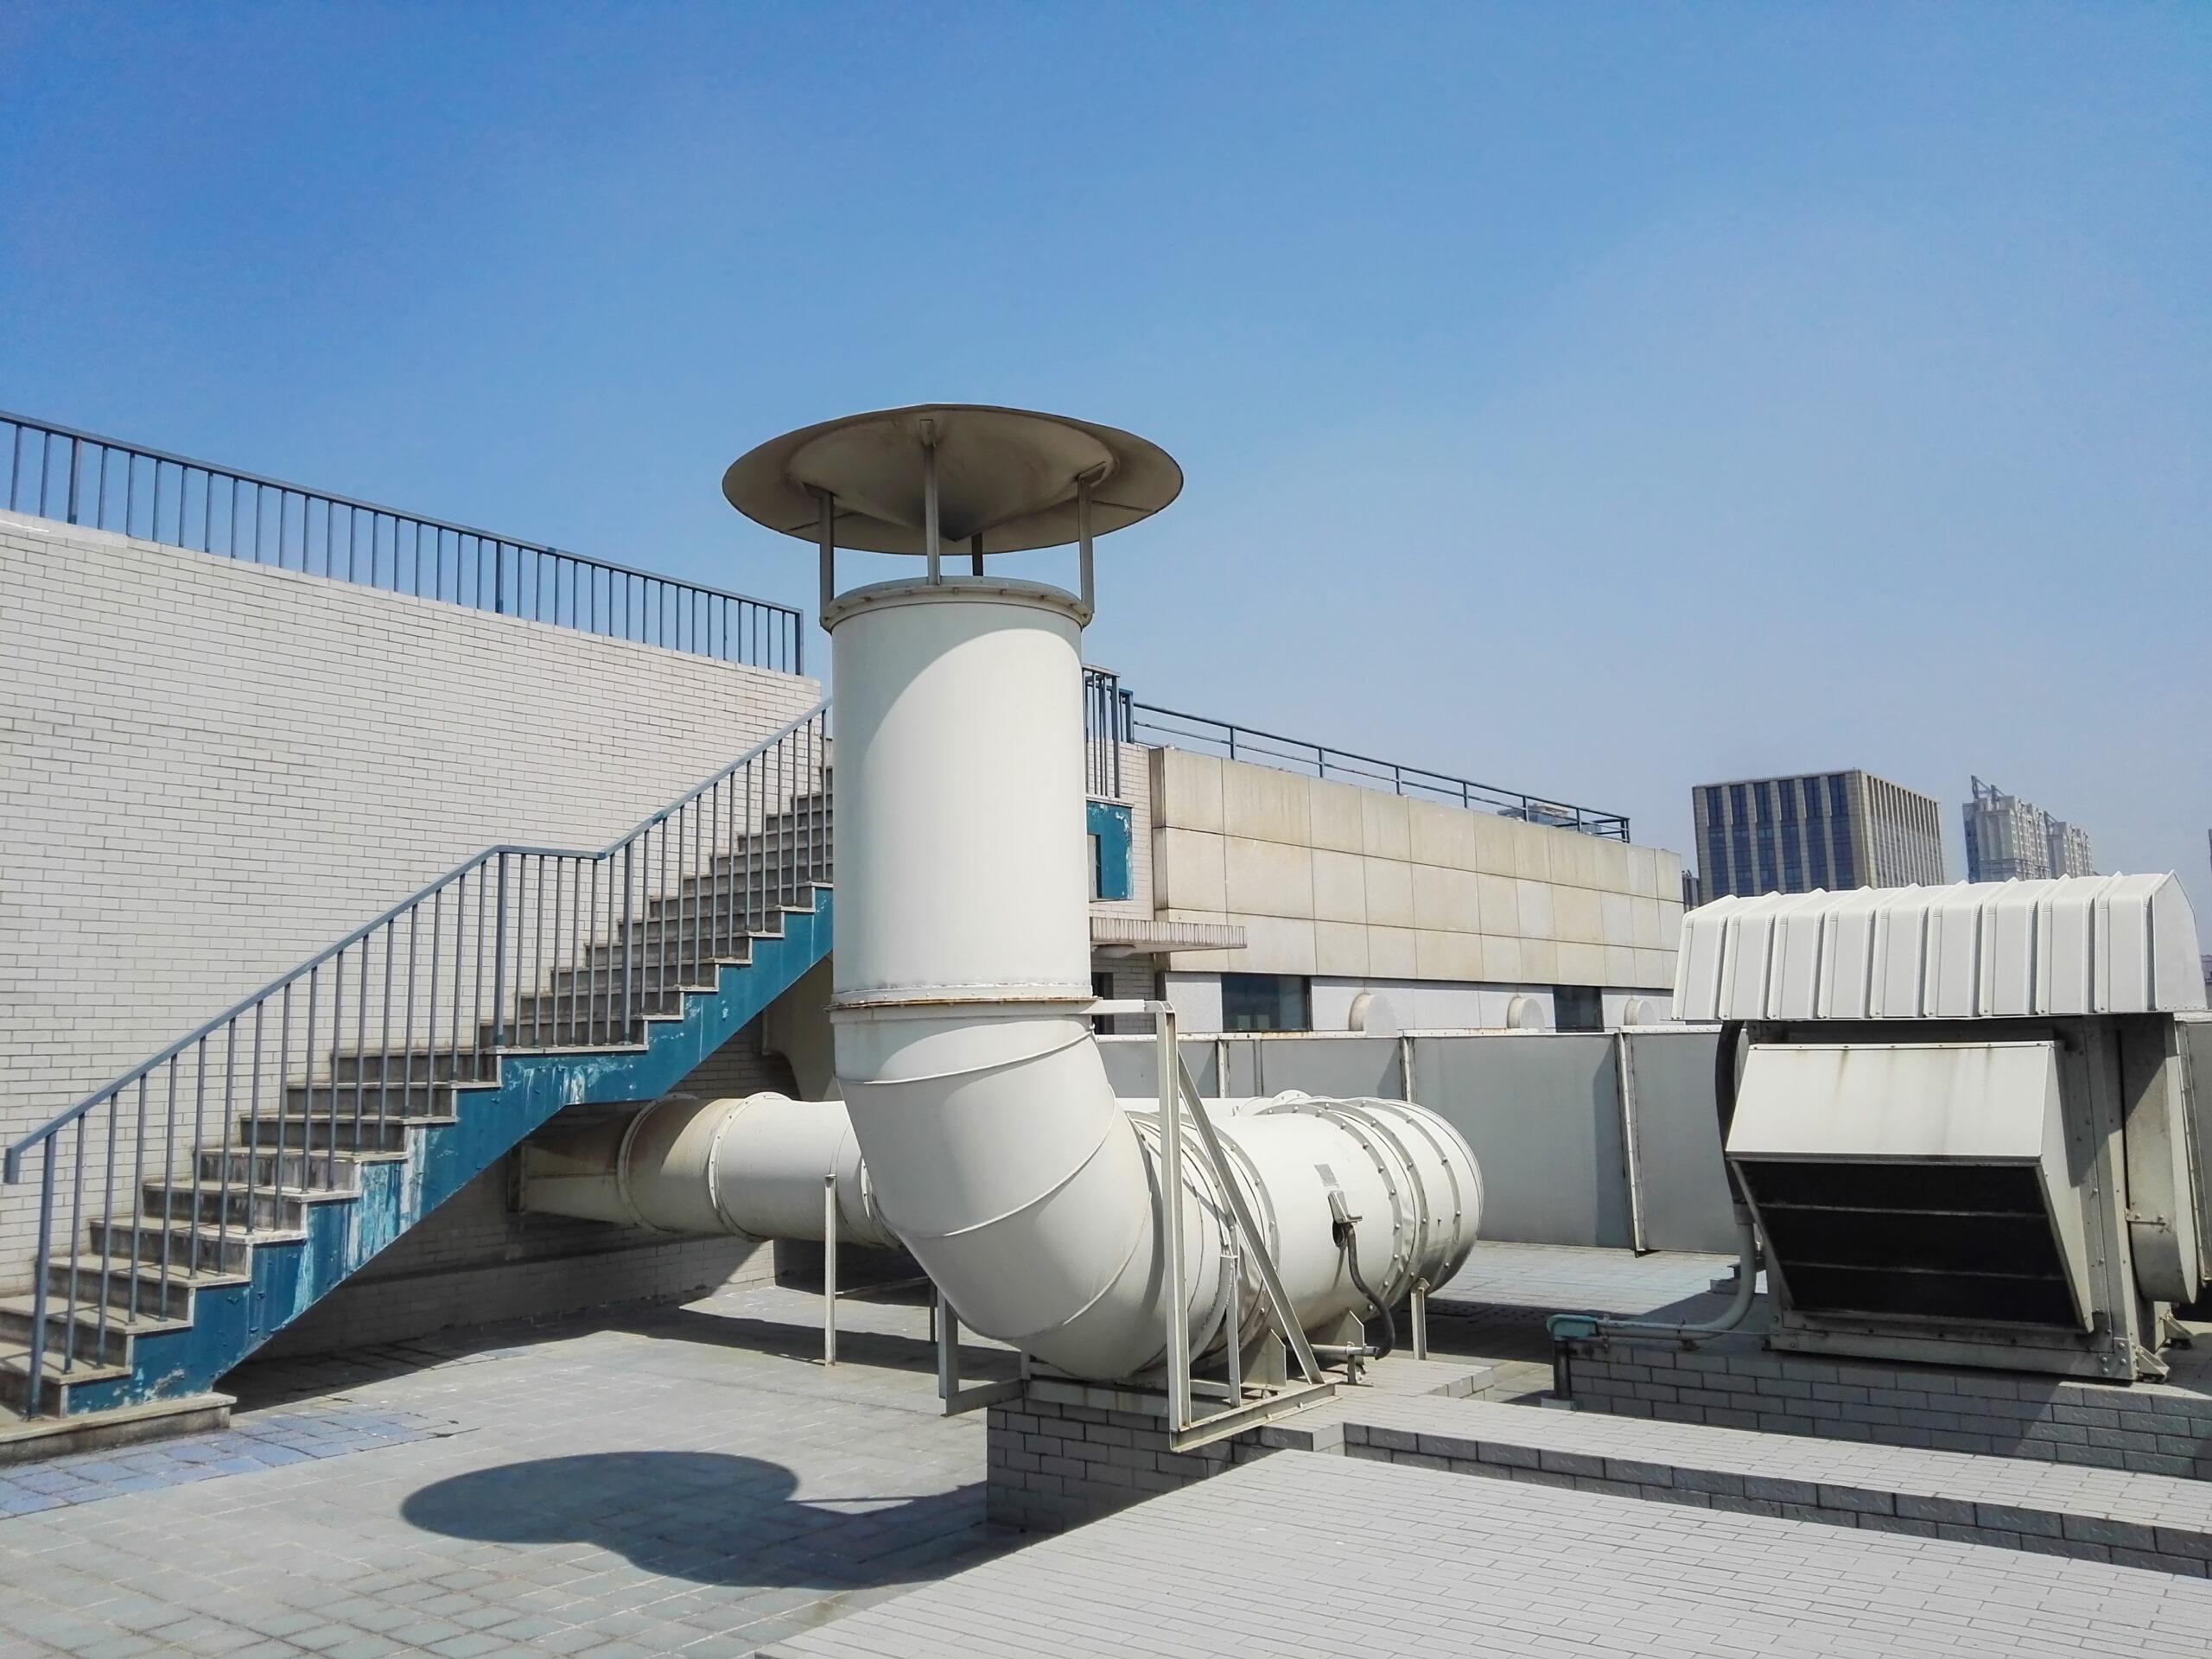 Ventilazione meccanica controllata: di cosa si tratta?